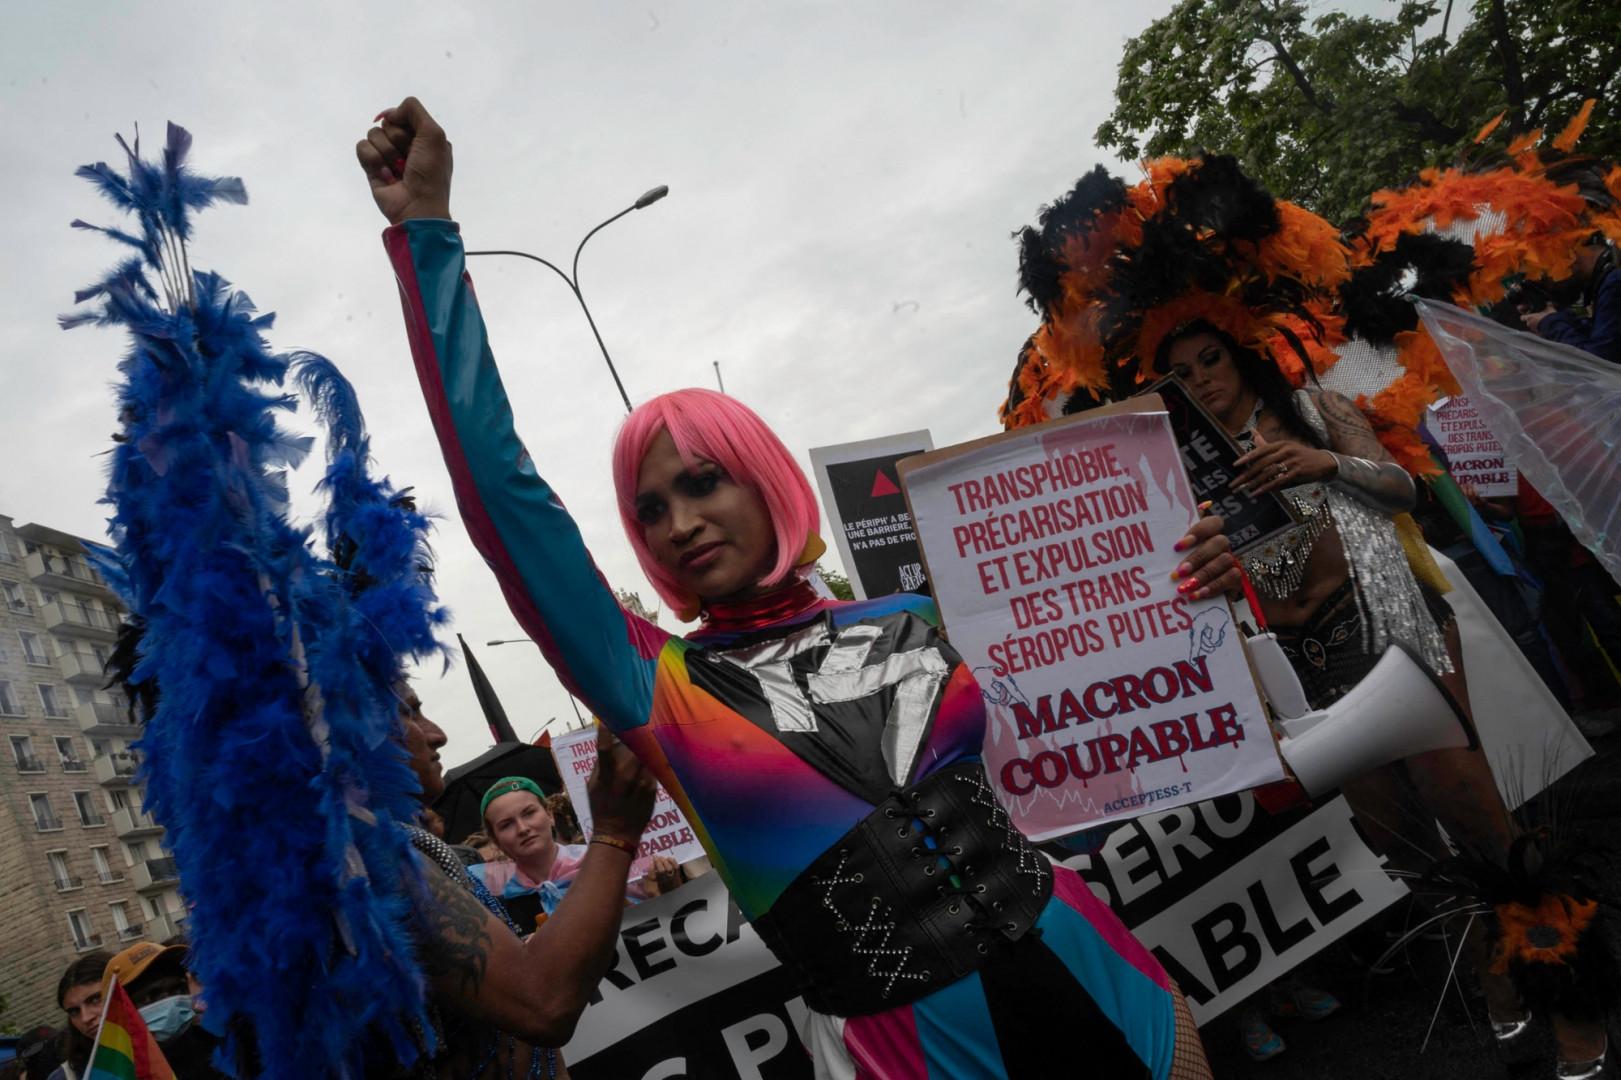 Lors de la Marche des Fiertés, de nombreuses pancartes visaient le président de la République Emmanuel Macron